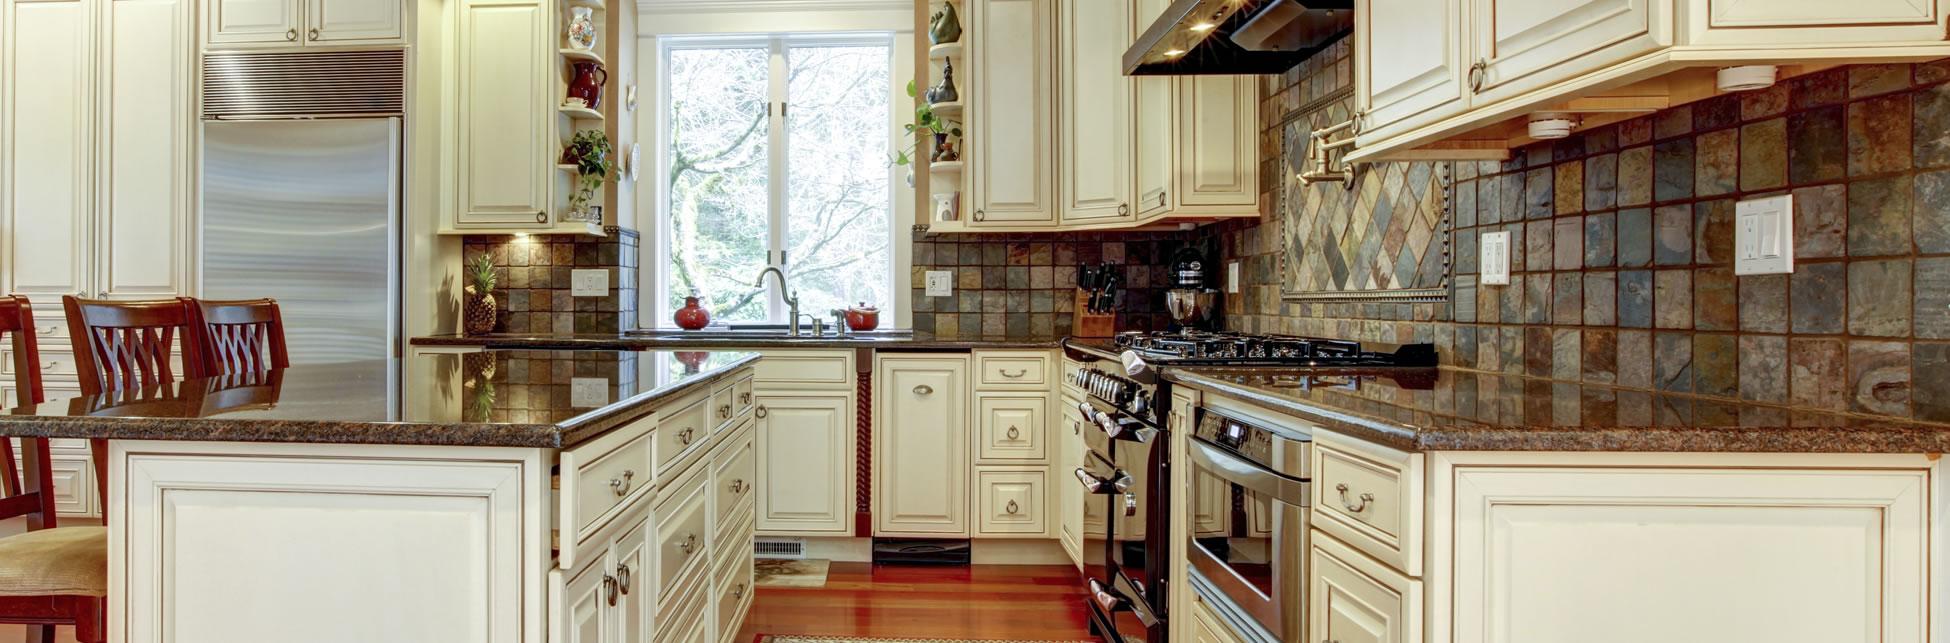 kitchen remodel in orange county ca kitchen remodel contractors Kitchen Remodel Contractors